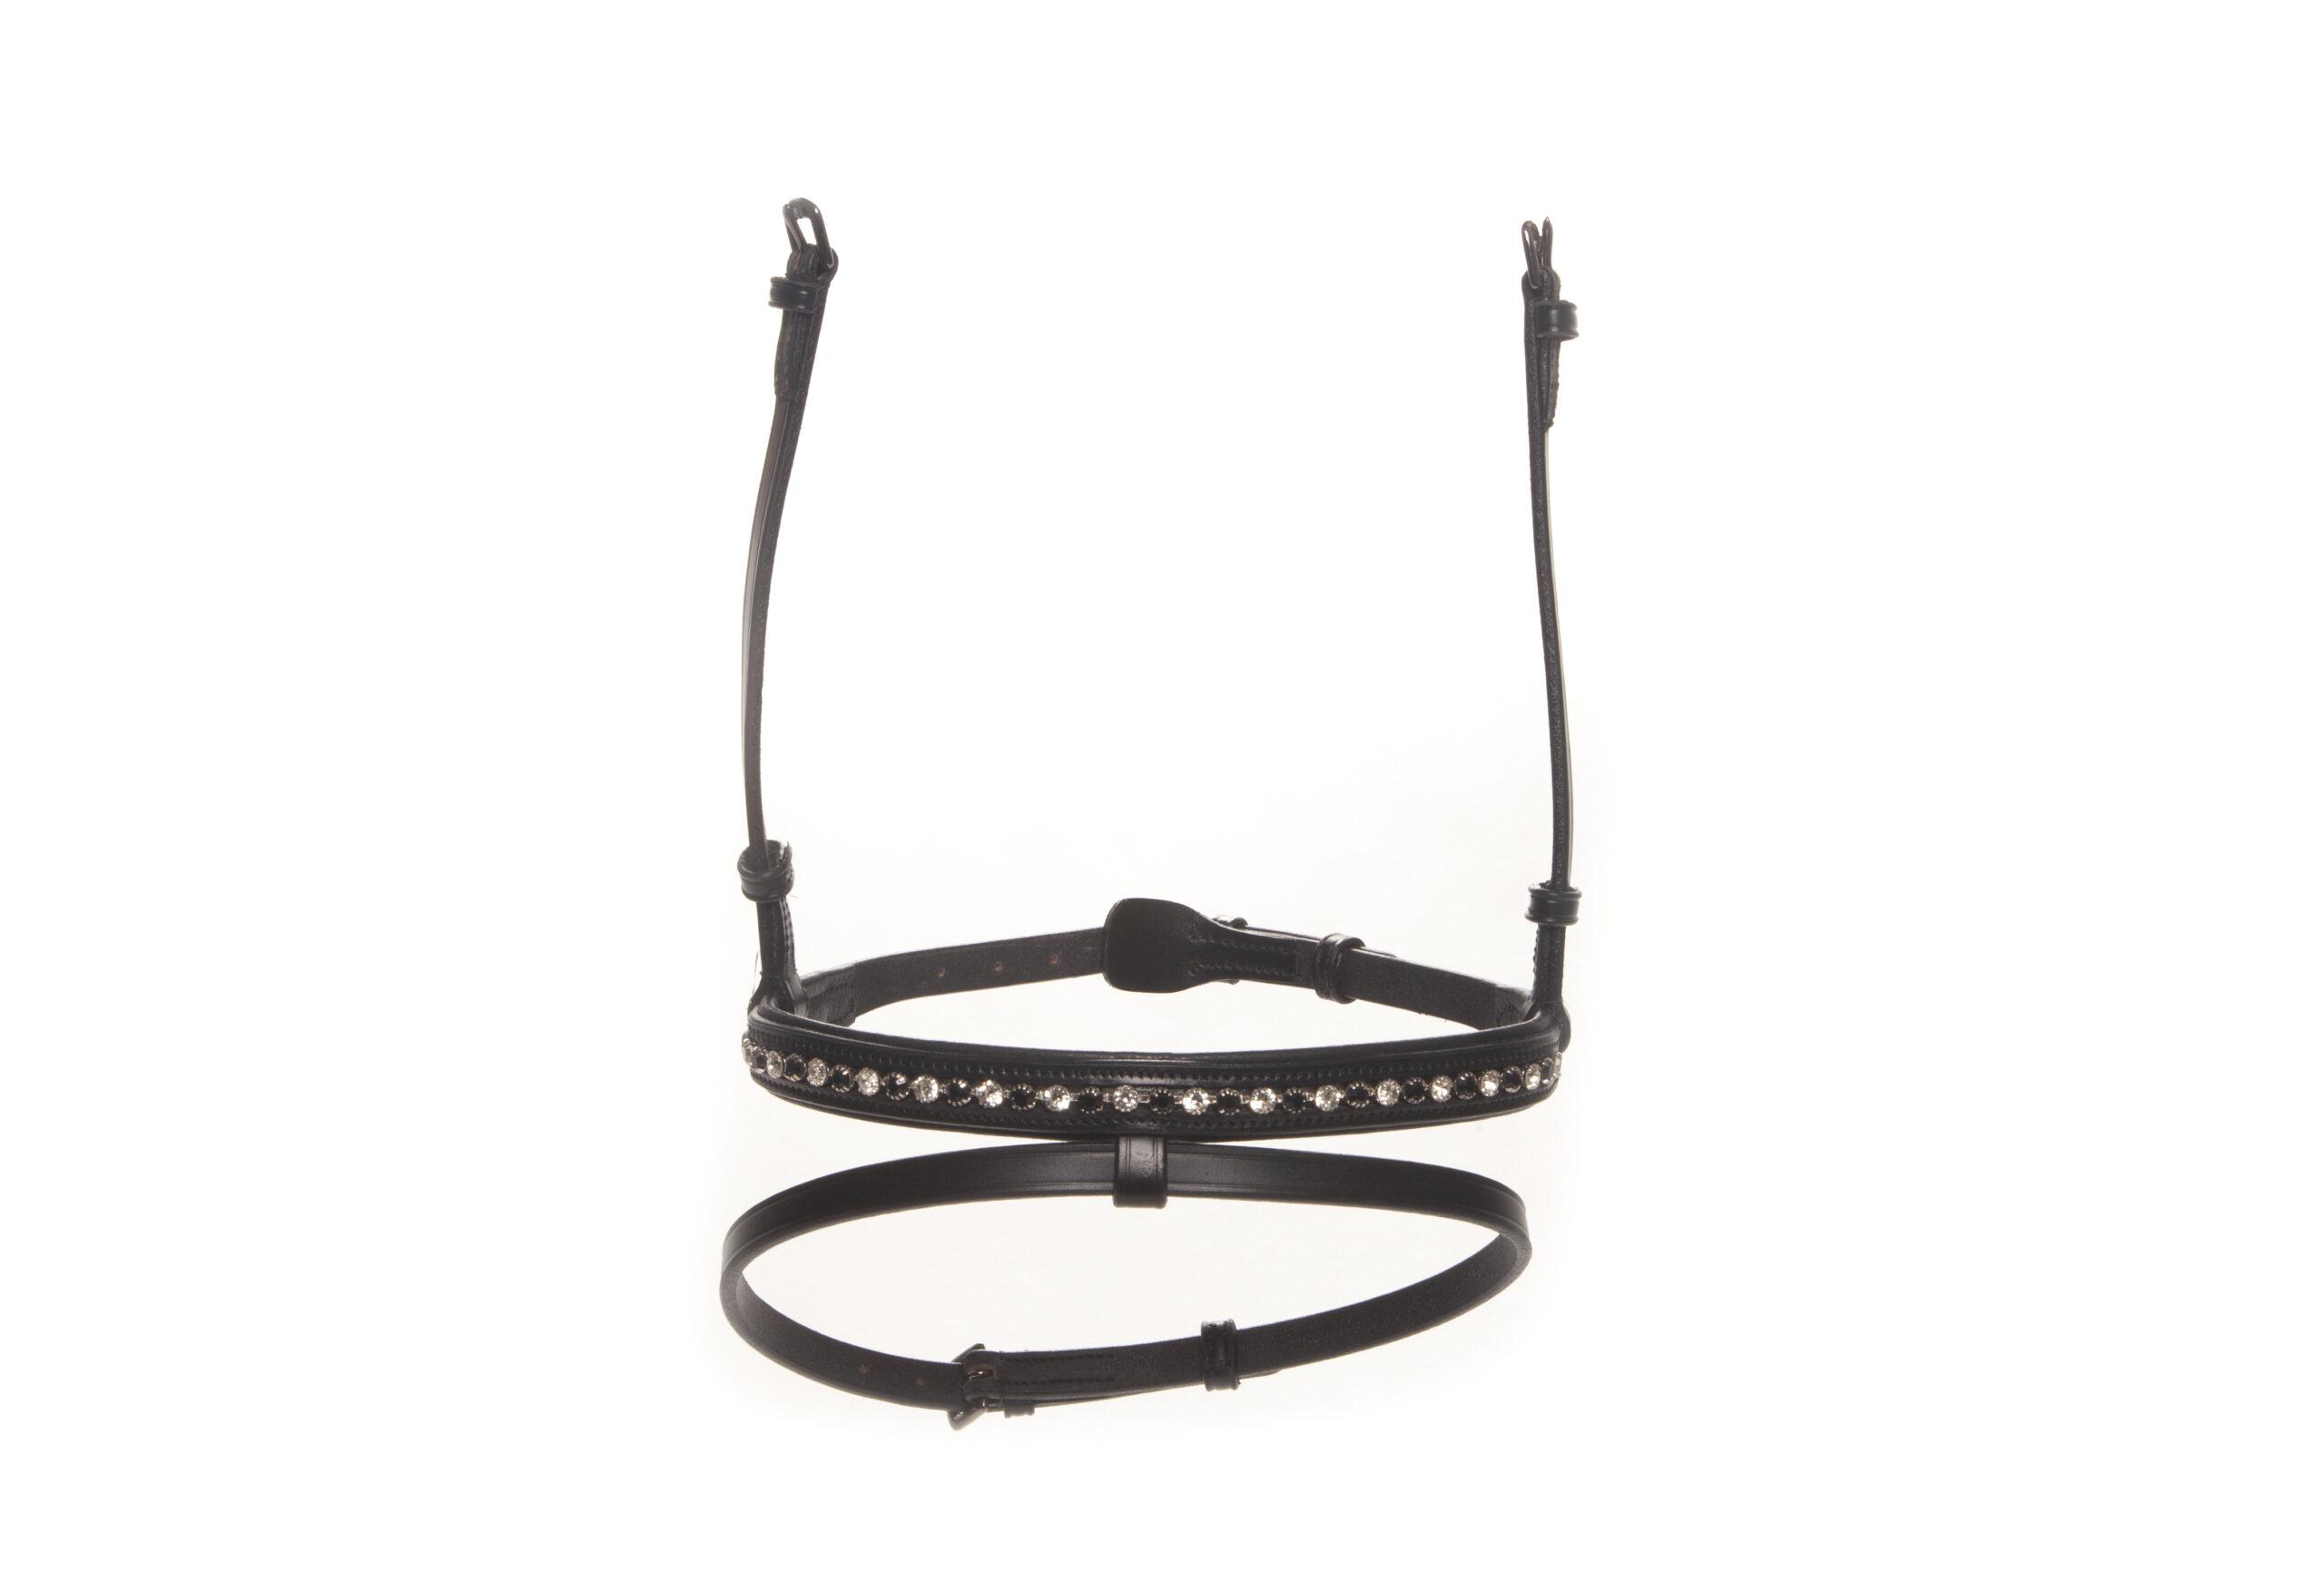 hr-noseband